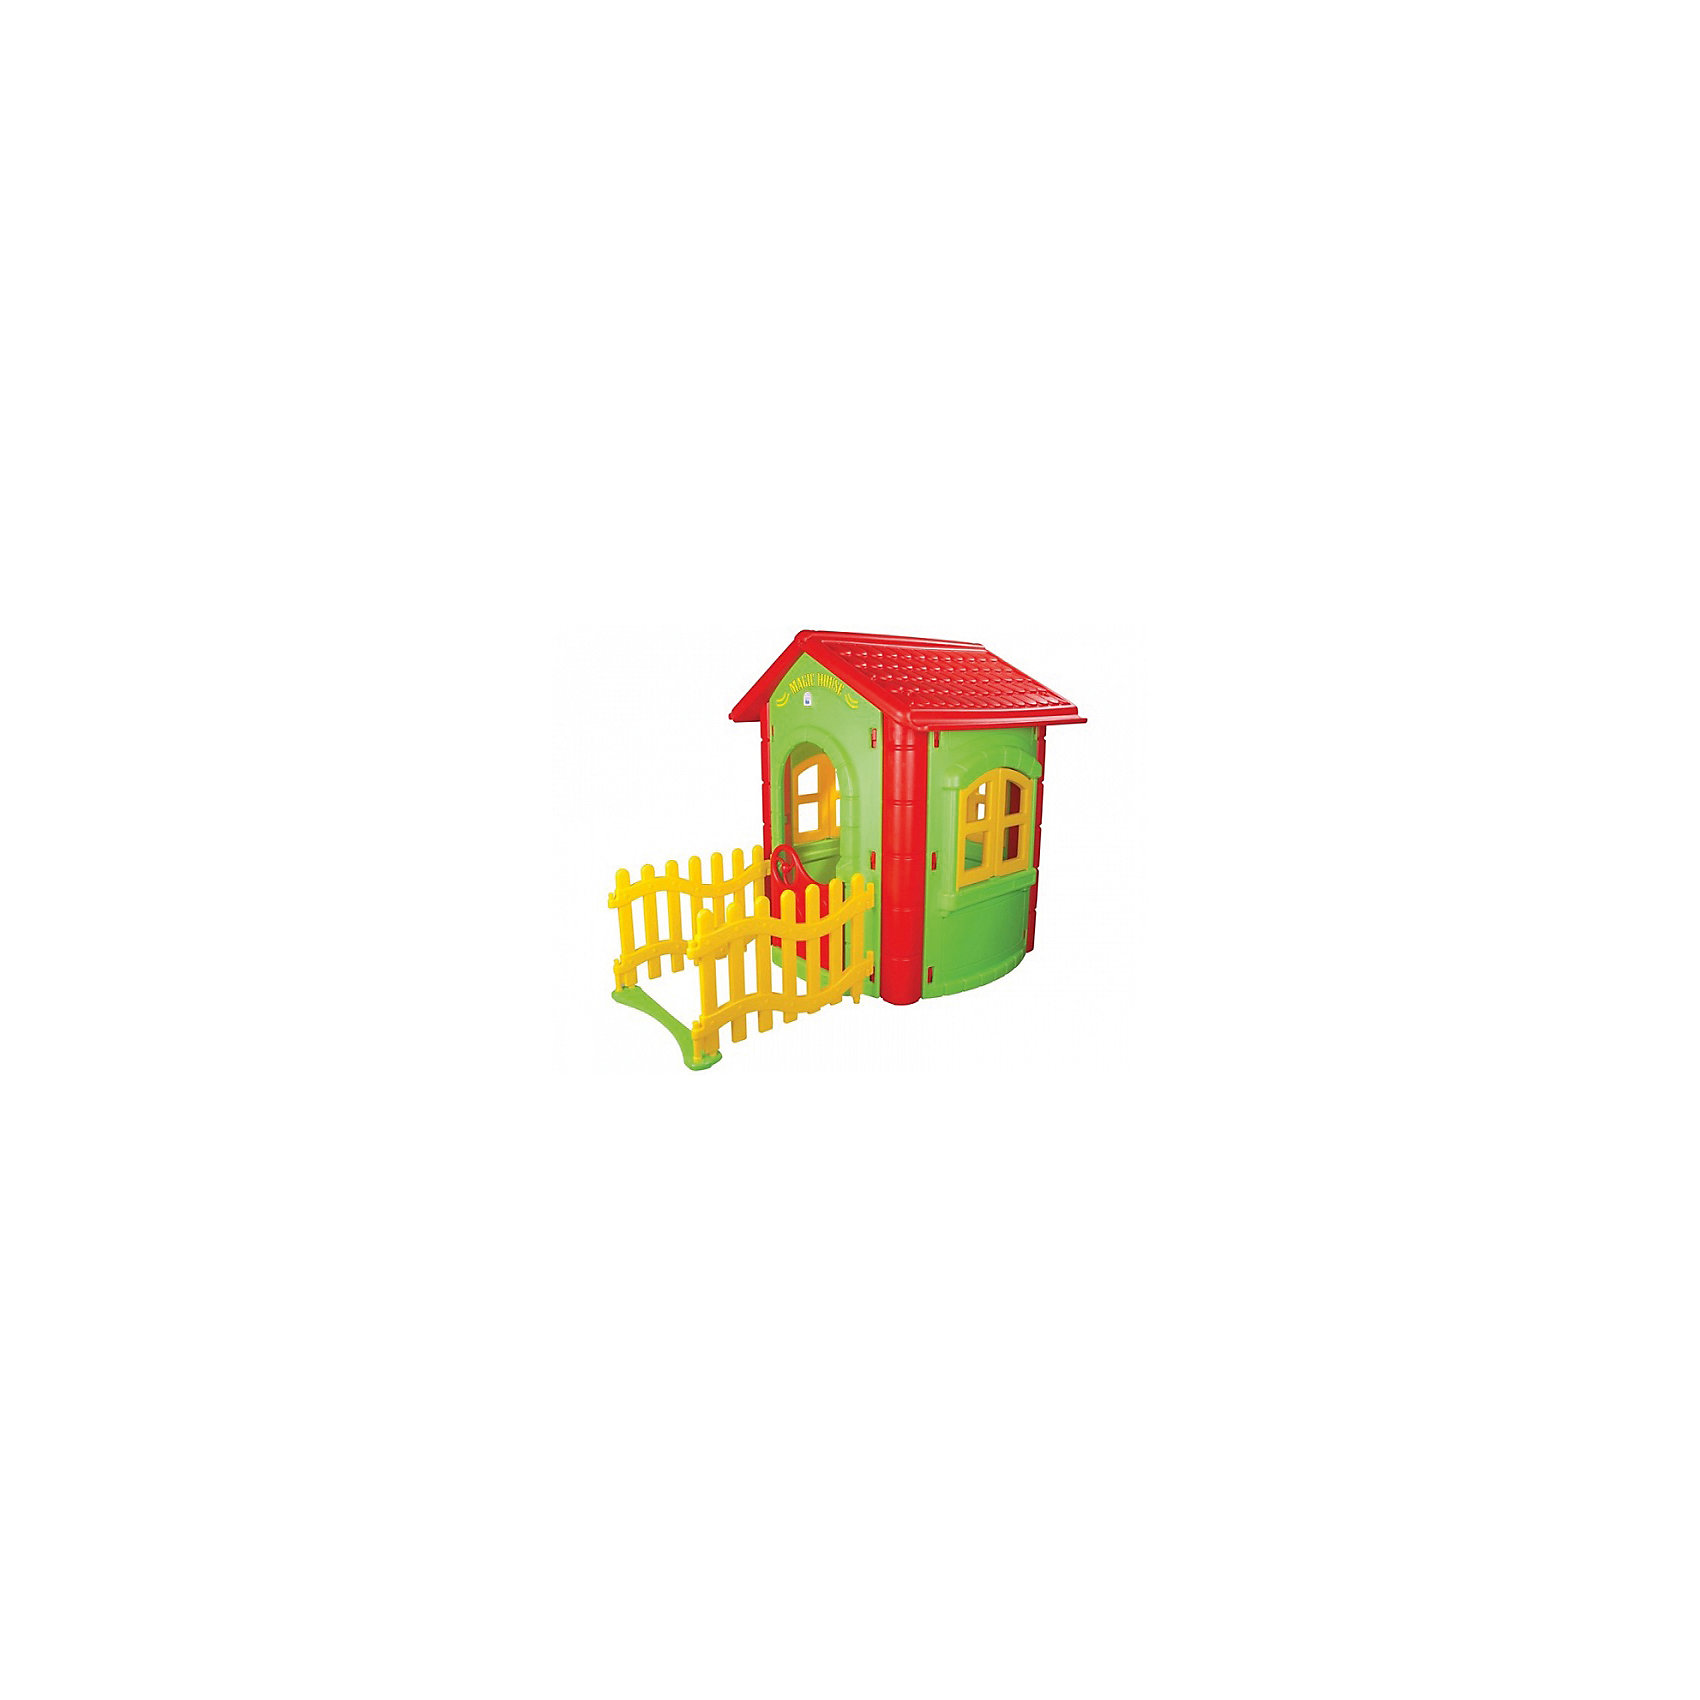 Домик игровой с забором MAGIC, PILSANДомики и мебель<br>Домик игровой с забором MAGIC, PILSAN (Пилсан)<br><br>Характеристики:<br><br>• прочная конструкция<br>• привлекательный дизайн<br>• безопасные материалы<br>• вместительное внутреннее пространство<br>• легко собирается<br>• материал: пластик<br>• размер: 112х172х131 см<br>• размер упаковки: 70х130х45 см<br>• вес: 22,5 кг<br><br>Яркий вместительный домик - отличный подарок для каждого ребенка. Малыш сможет устраивать веселые игры и чаепития со своими друзьями. Домик дополнен красивым заборчиком и декоративными элементами. Конструкция изготовлена из прочного пластика, безопасного для детского здоровья. Она устойчива к воздействию осадков и атмосферных явлений. Домик легко собирается. Вы сможете установить его в детской комнате или на улице.<br><br>Домик игровой с забором MAGIC, PILSAN (Пилсан) вы можете купить в нашем интернет-магазине.<br><br>Ширина мм: 450<br>Глубина мм: 1300<br>Высота мм: 700<br>Вес г: 22500<br>Возраст от месяцев: 24<br>Возраст до месяцев: 120<br>Пол: Унисекс<br>Возраст: Детский<br>SKU: 5512016